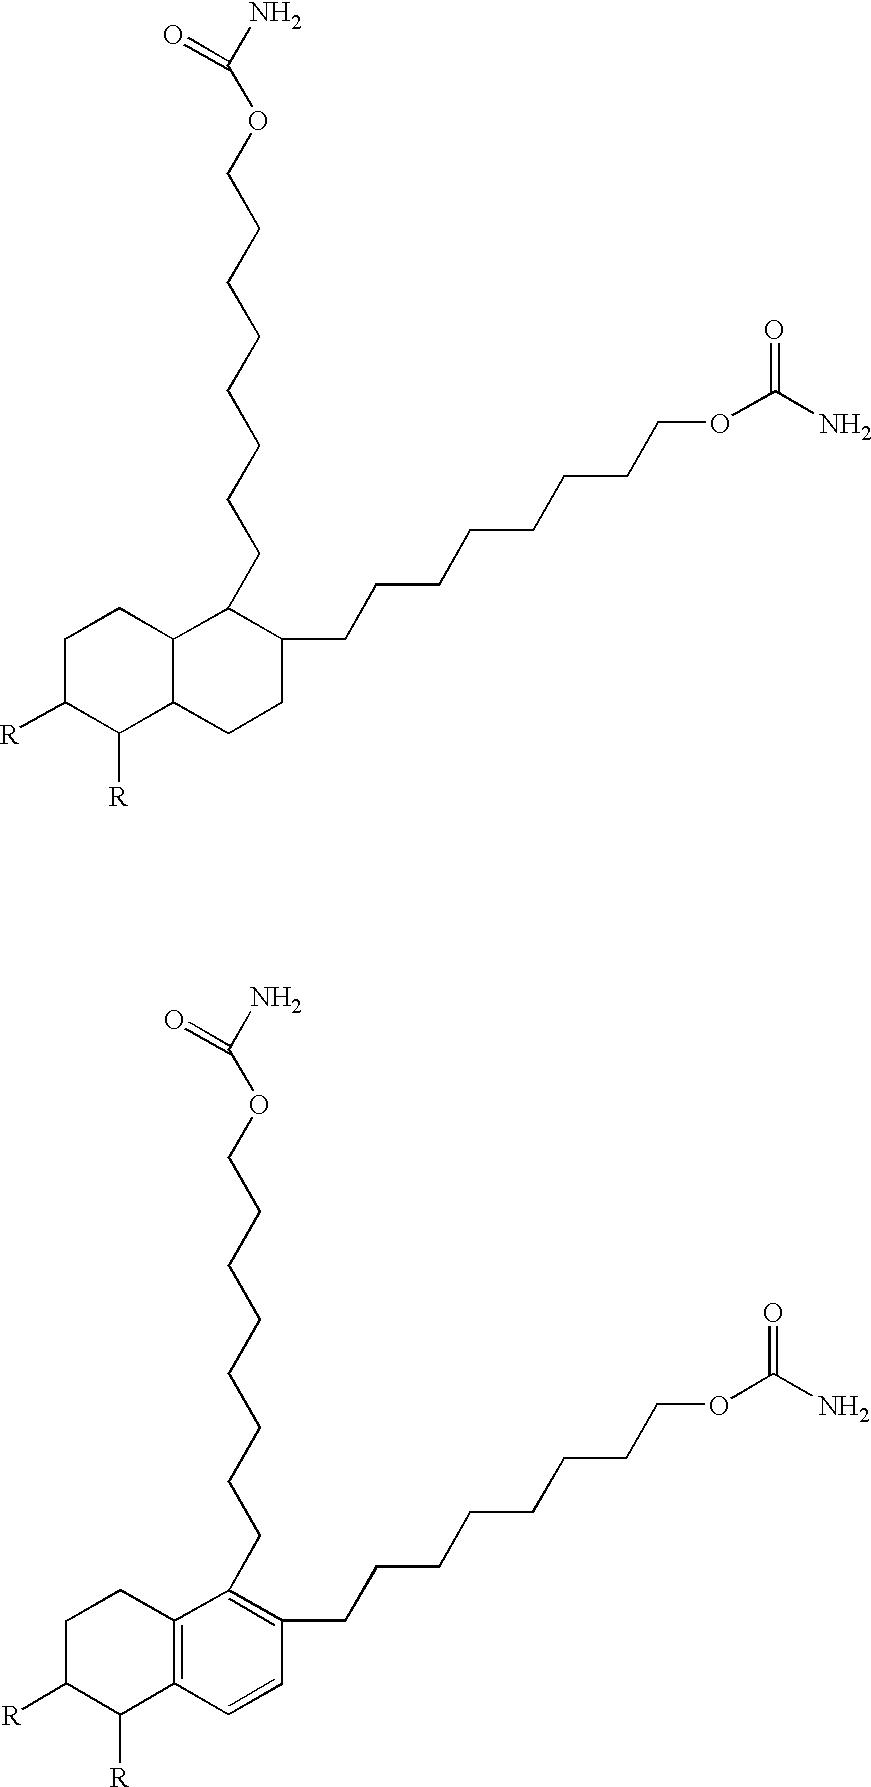 Figure US06541594-20030401-C00002